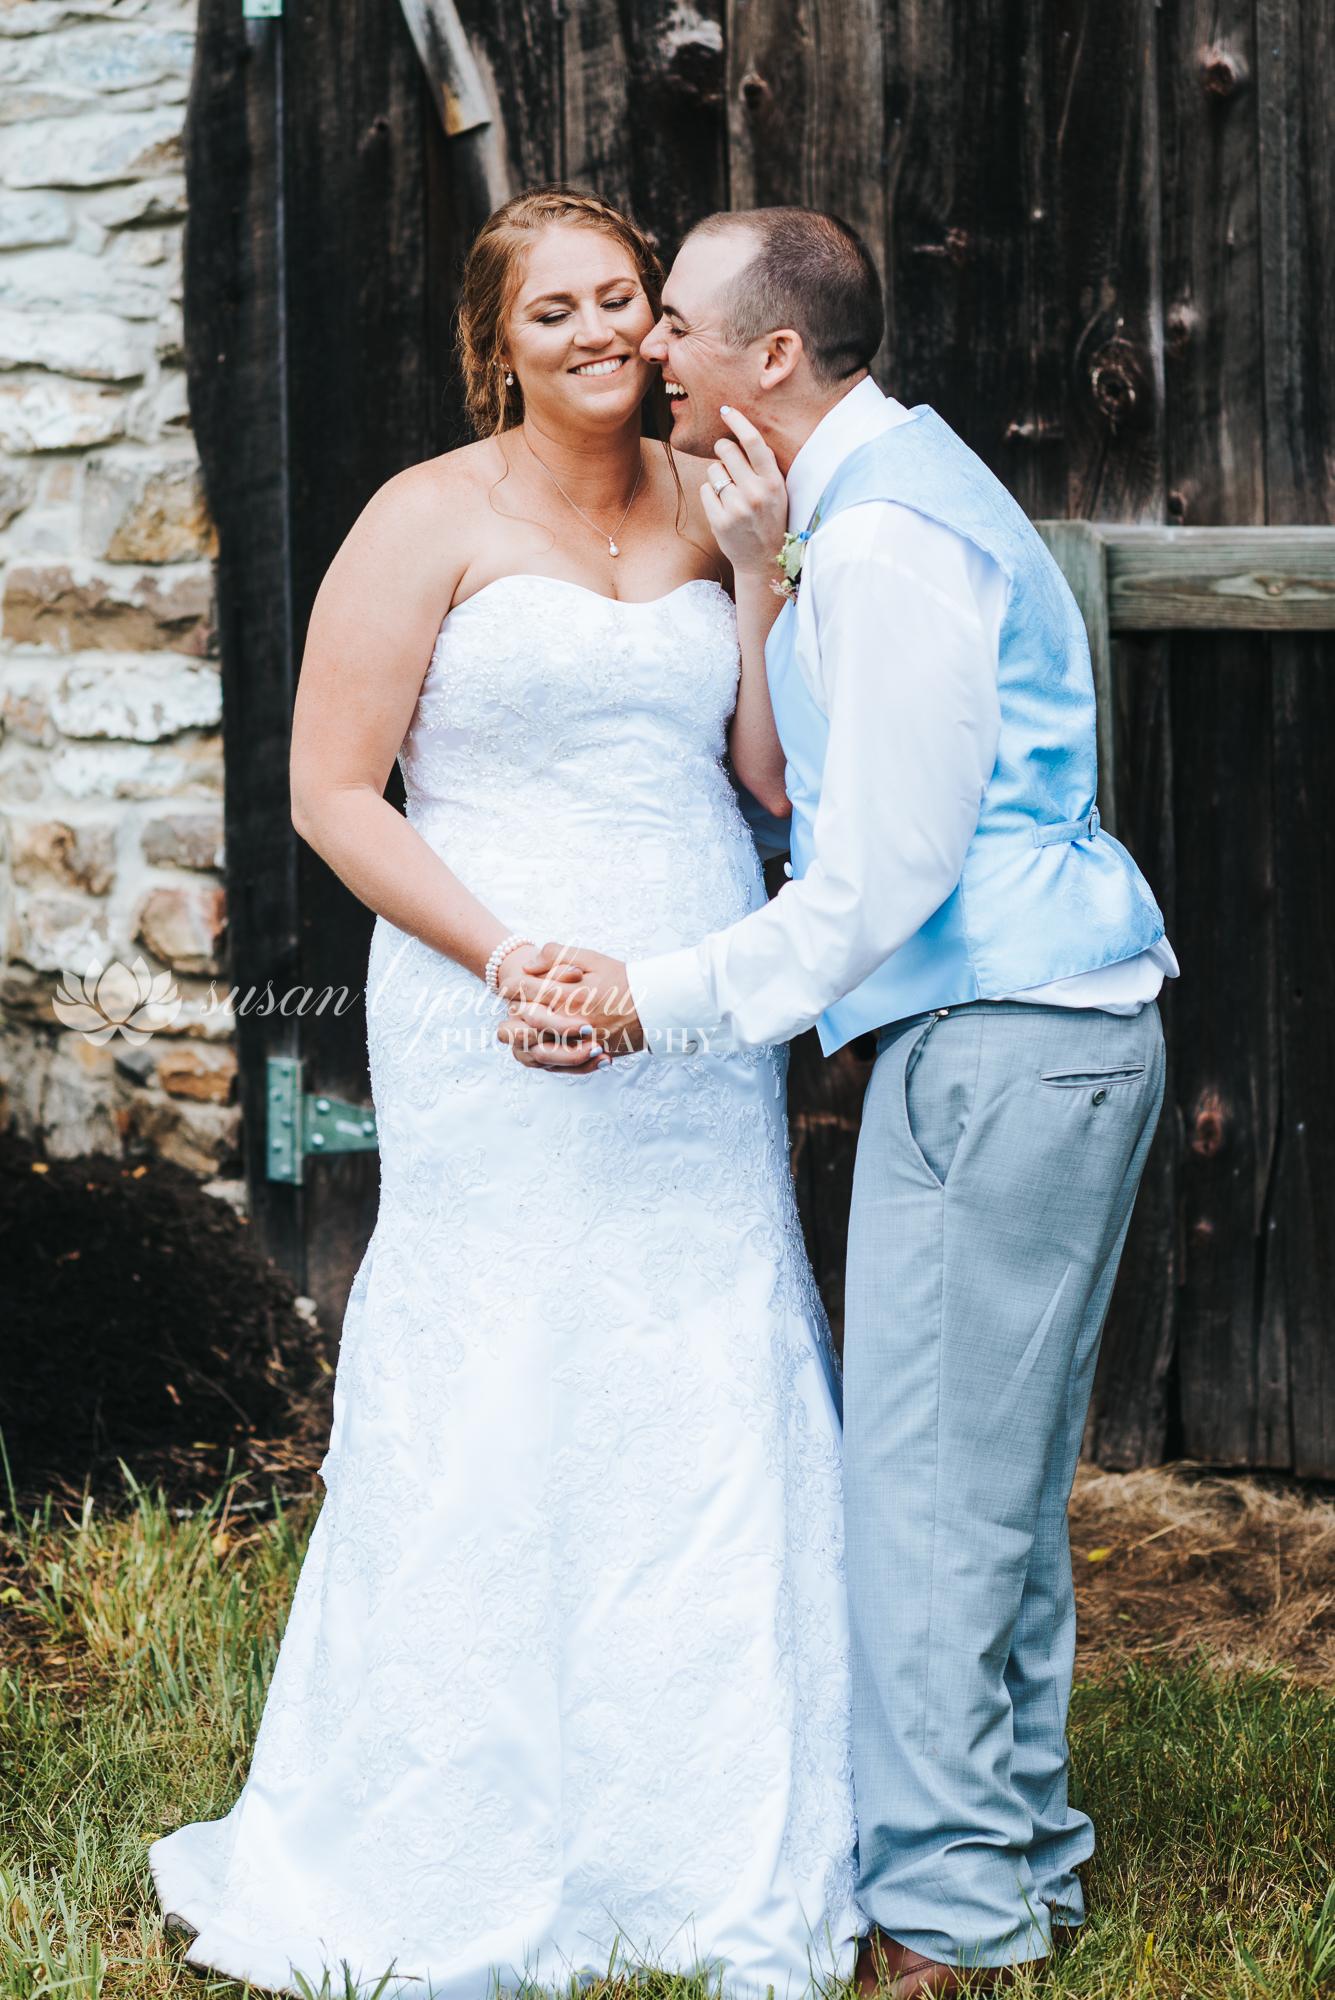 Erin and Jason Wedding Photos 07-06-2019 SLY Photography-162.jpg